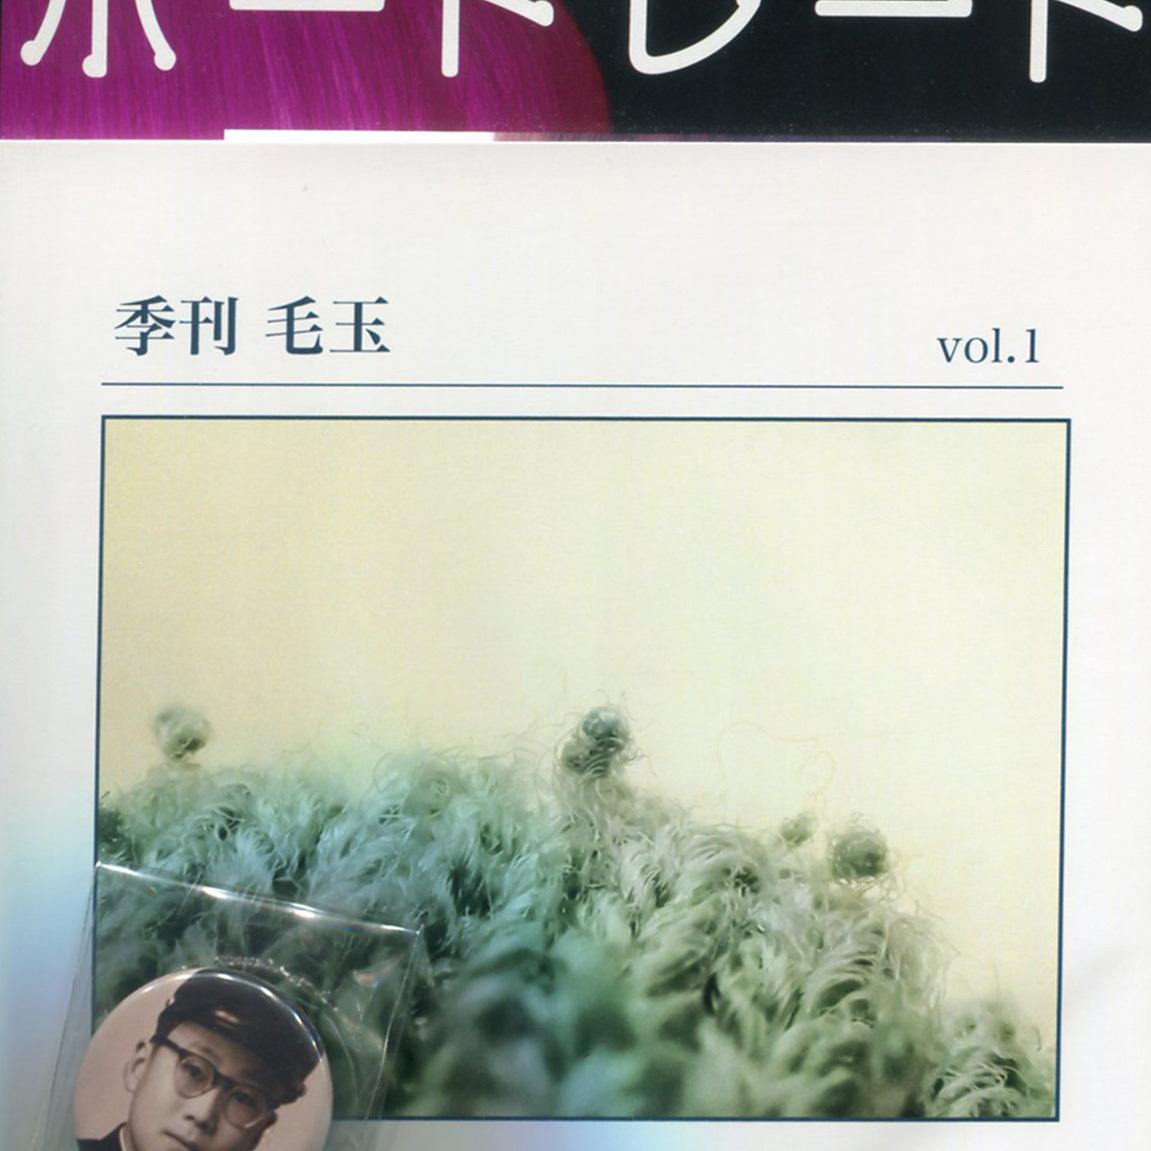 円井テトラ / 写真集2点セット 「ポートレート・ポートレート」「季刊 毛玉 vol.1」